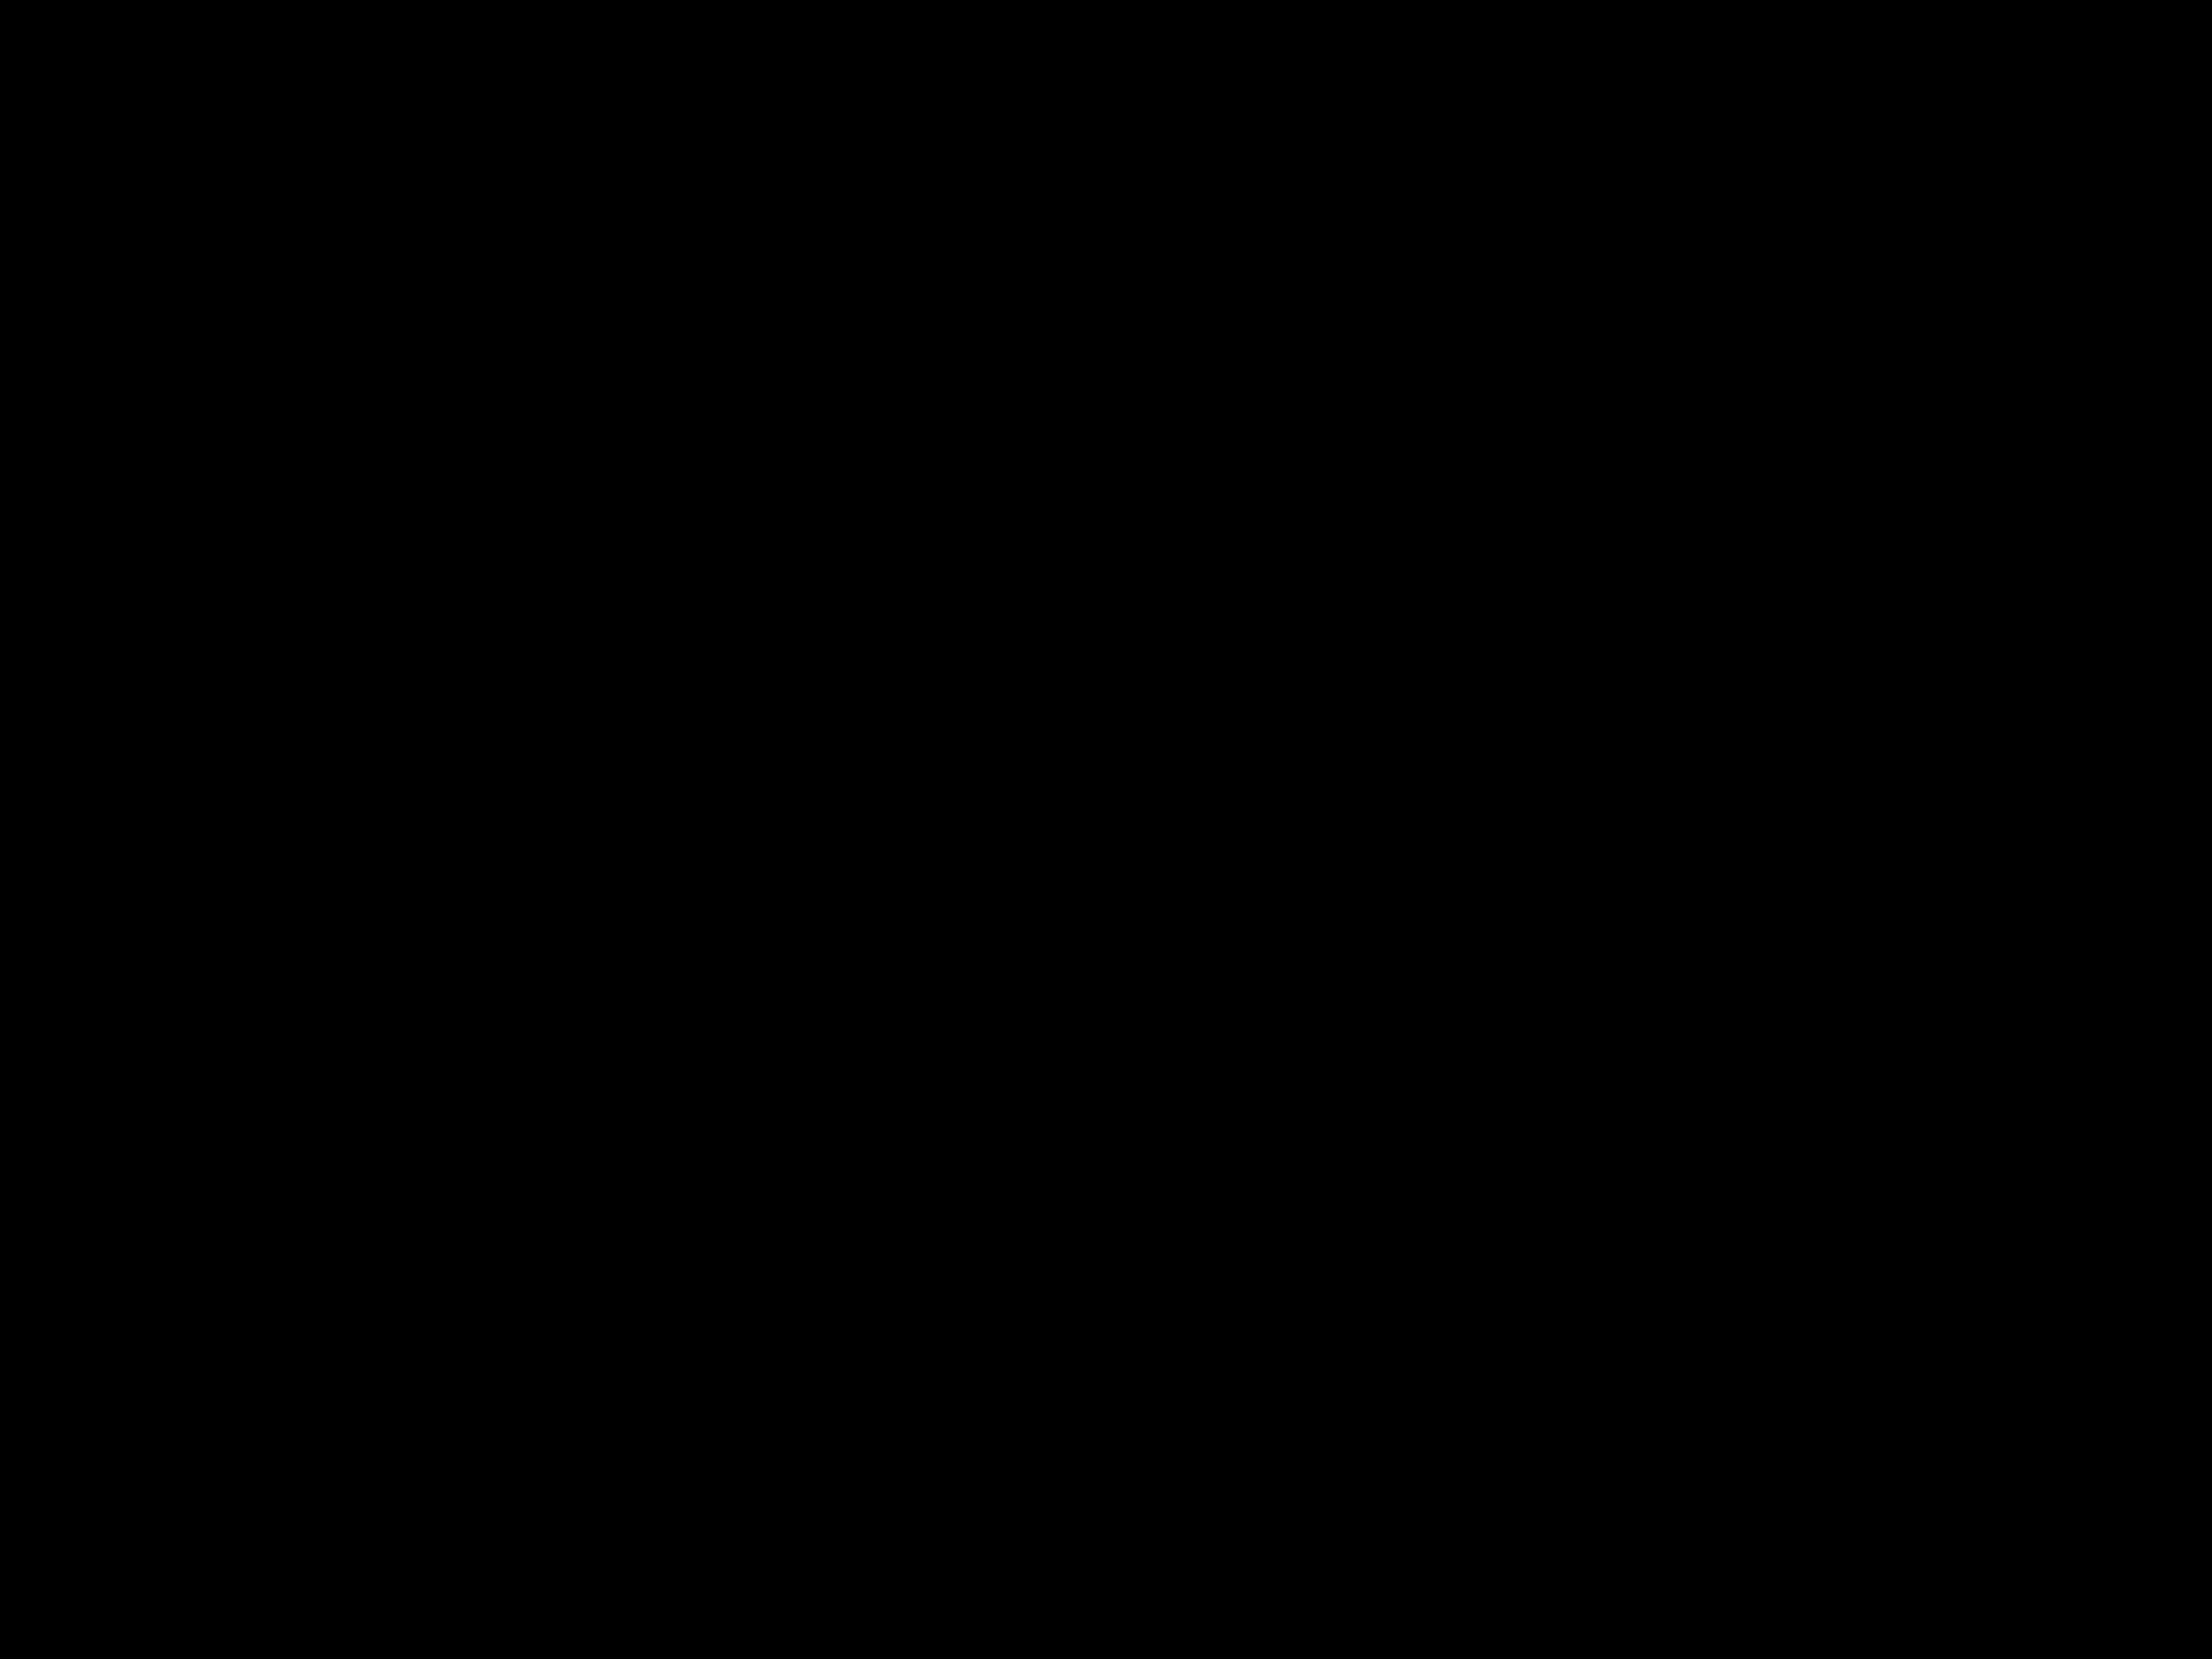 schneeflocke muster mandala vorlage zum drucken und malen 6139